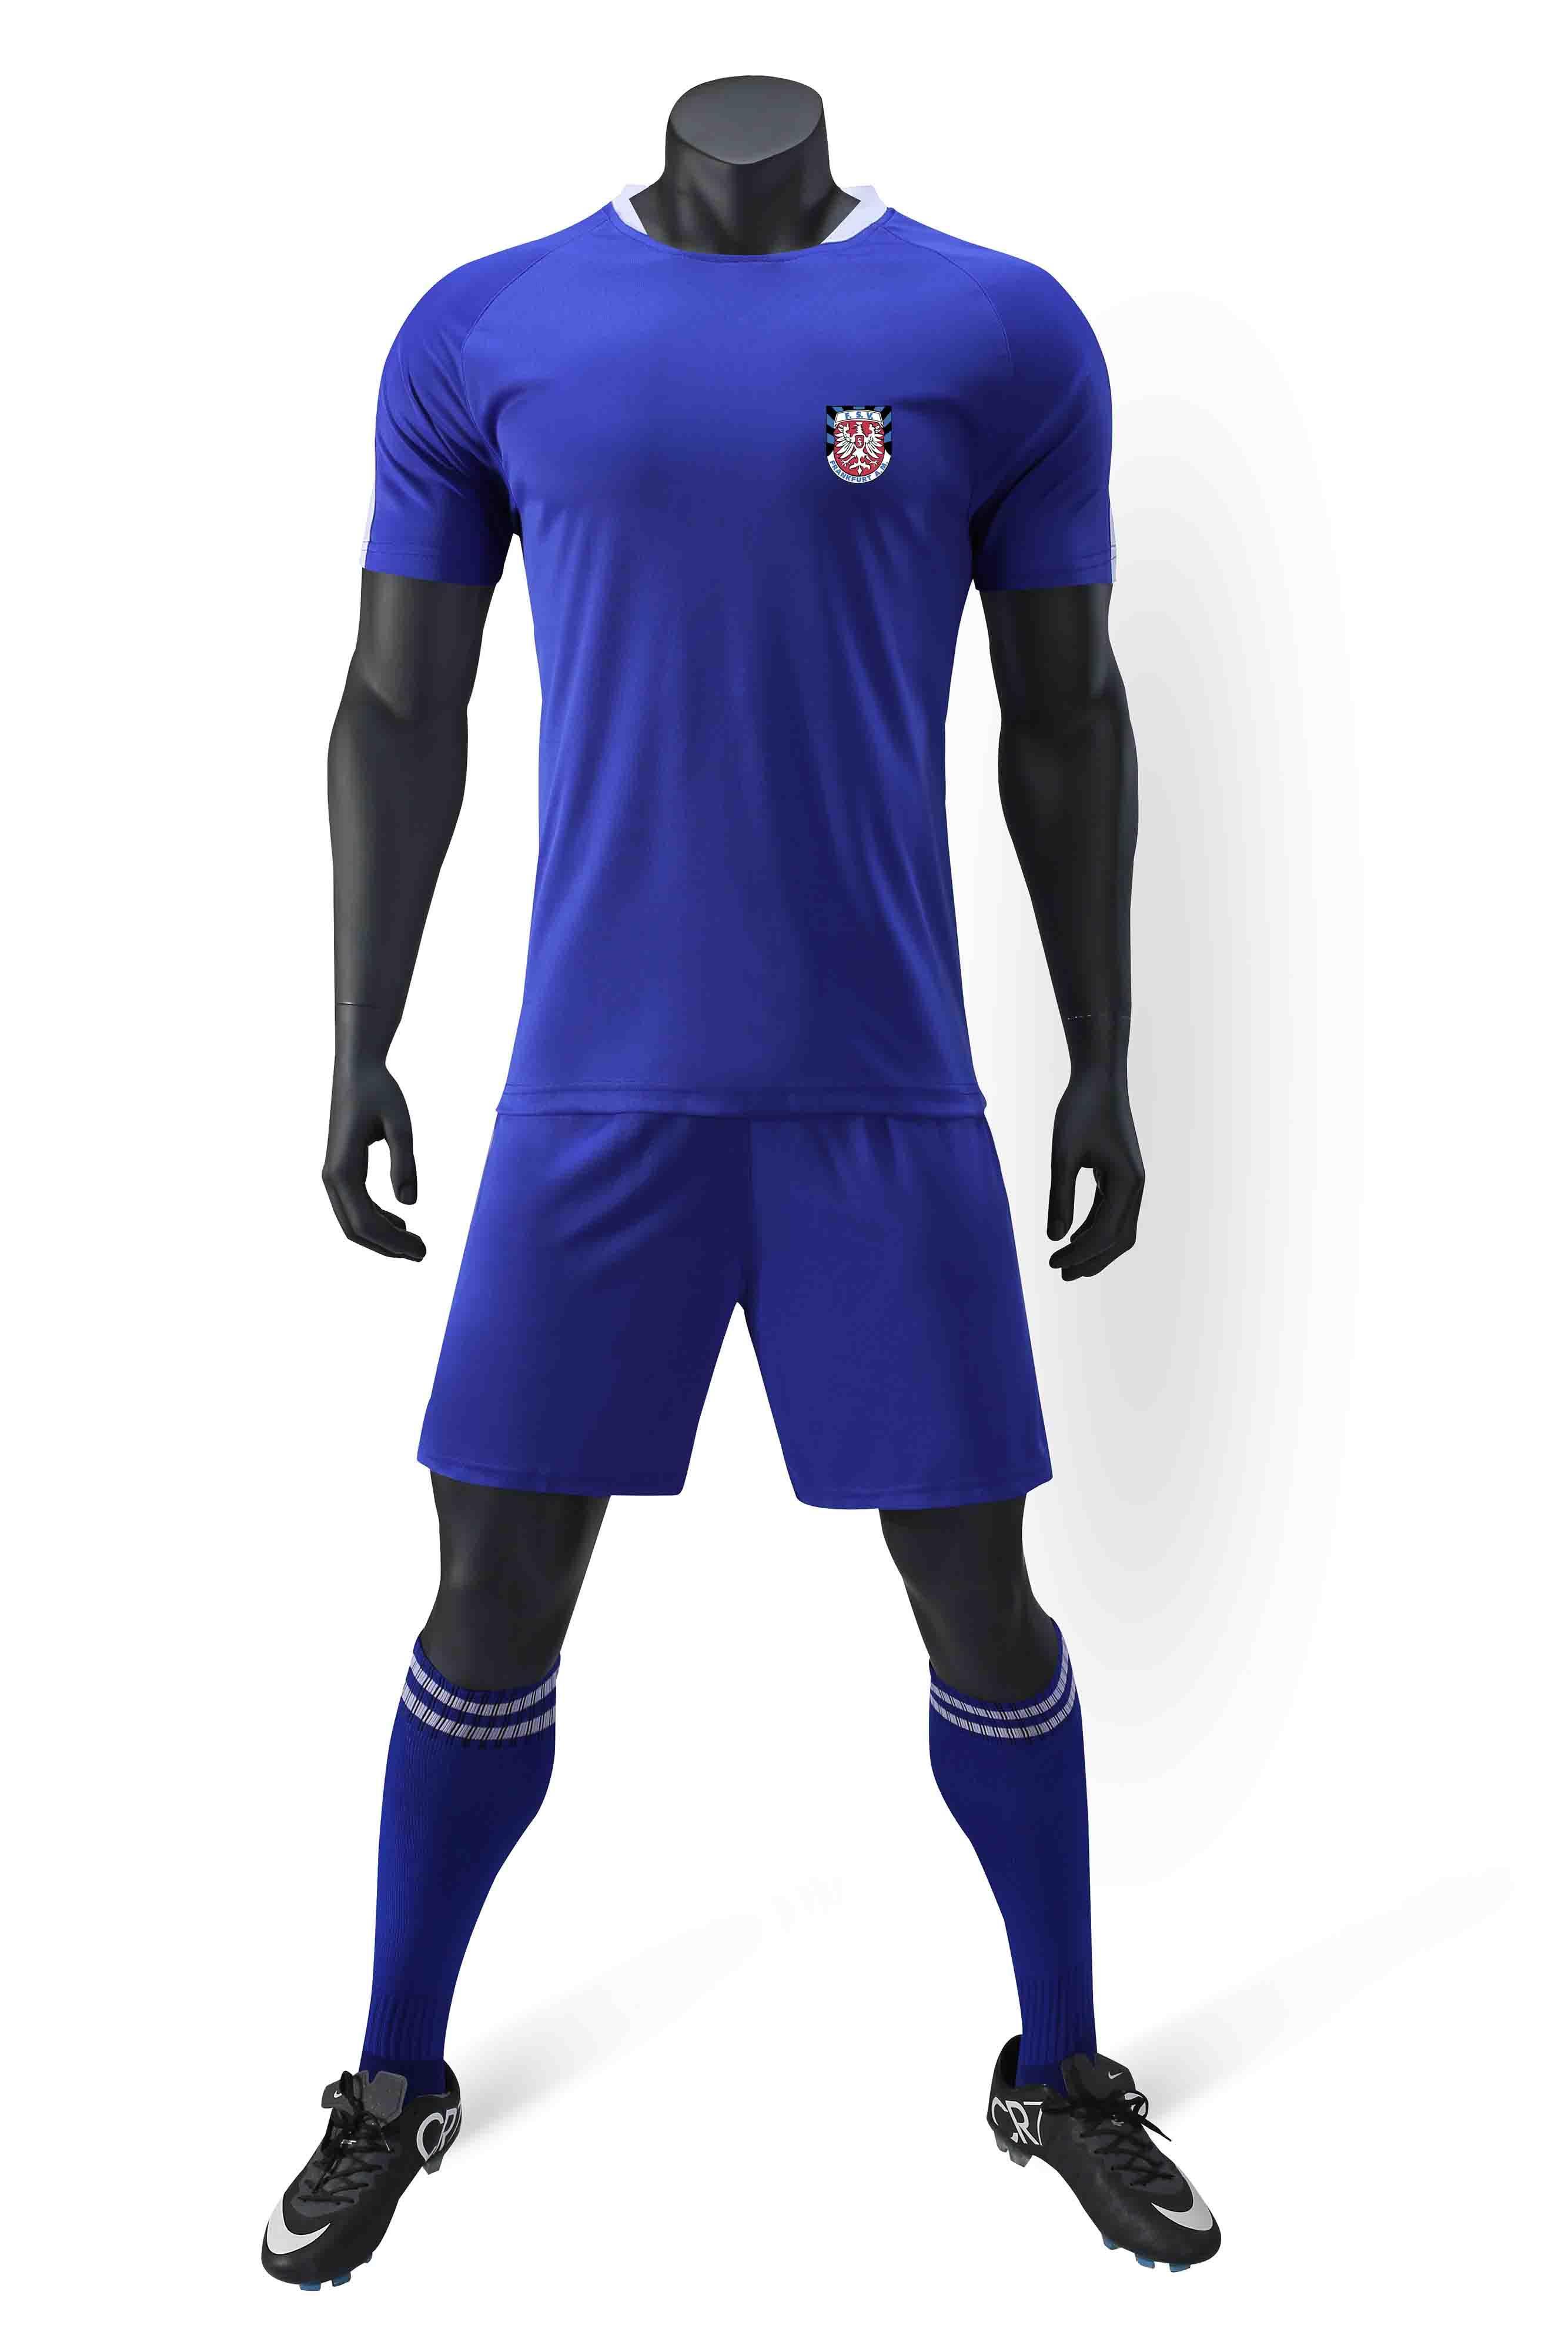 FSV Frankfurt 100% полиэстер спорта новый шаблон случайные футболки футбол костюм обучение модные мужские футбольные костюмы